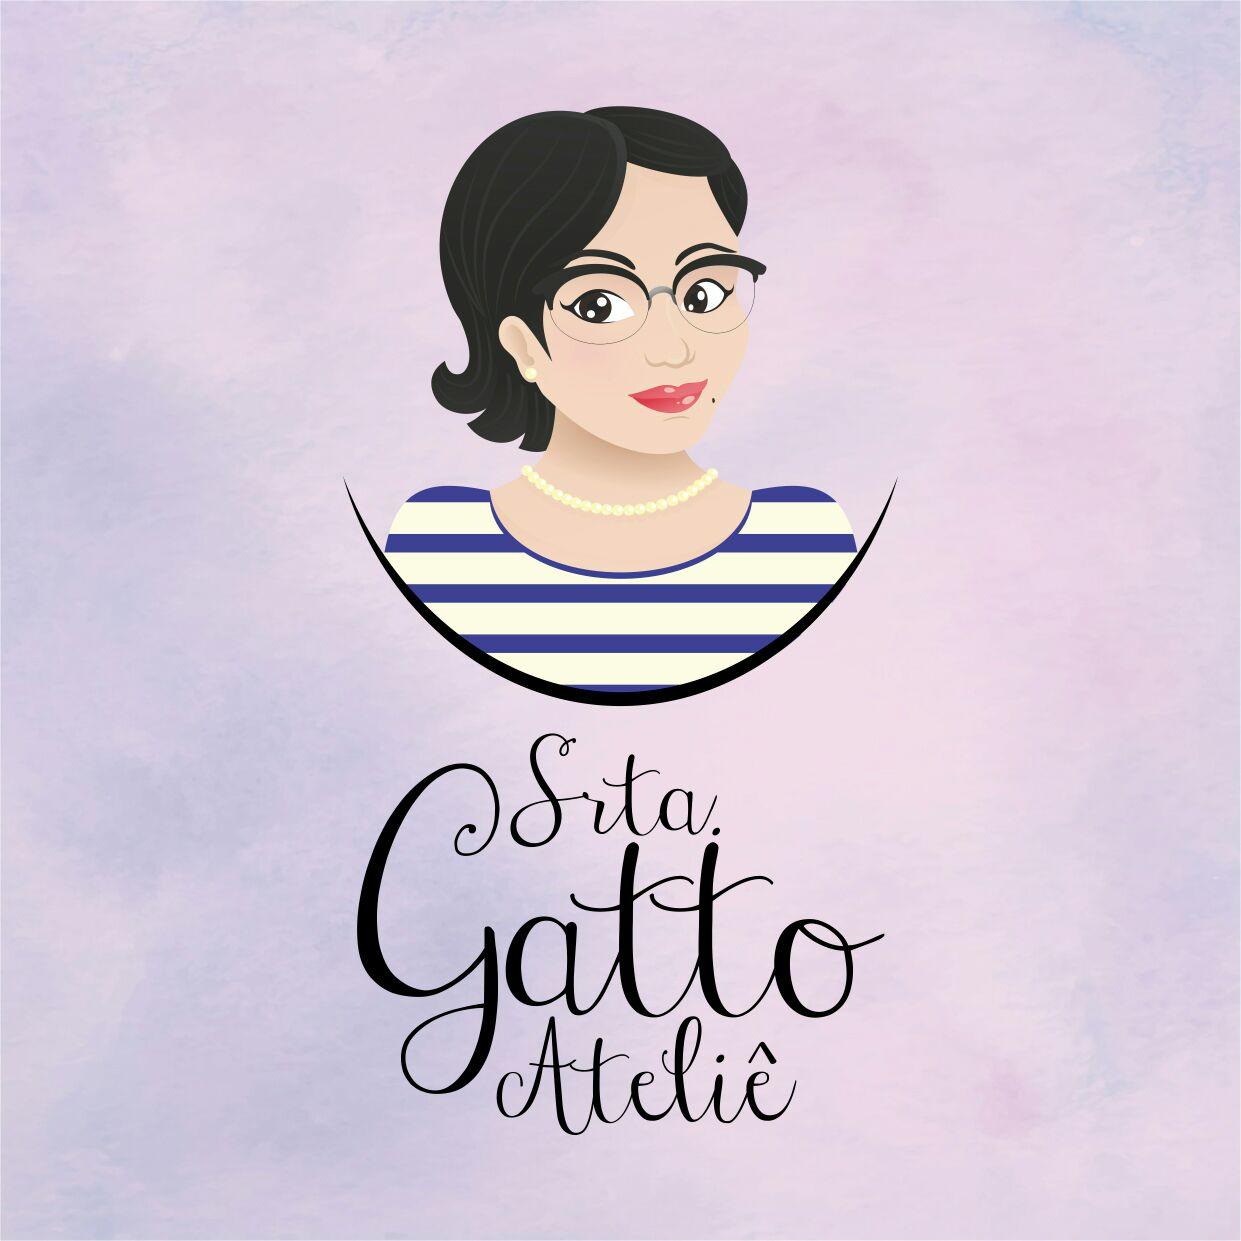 Srta. Gatto - Ateliê